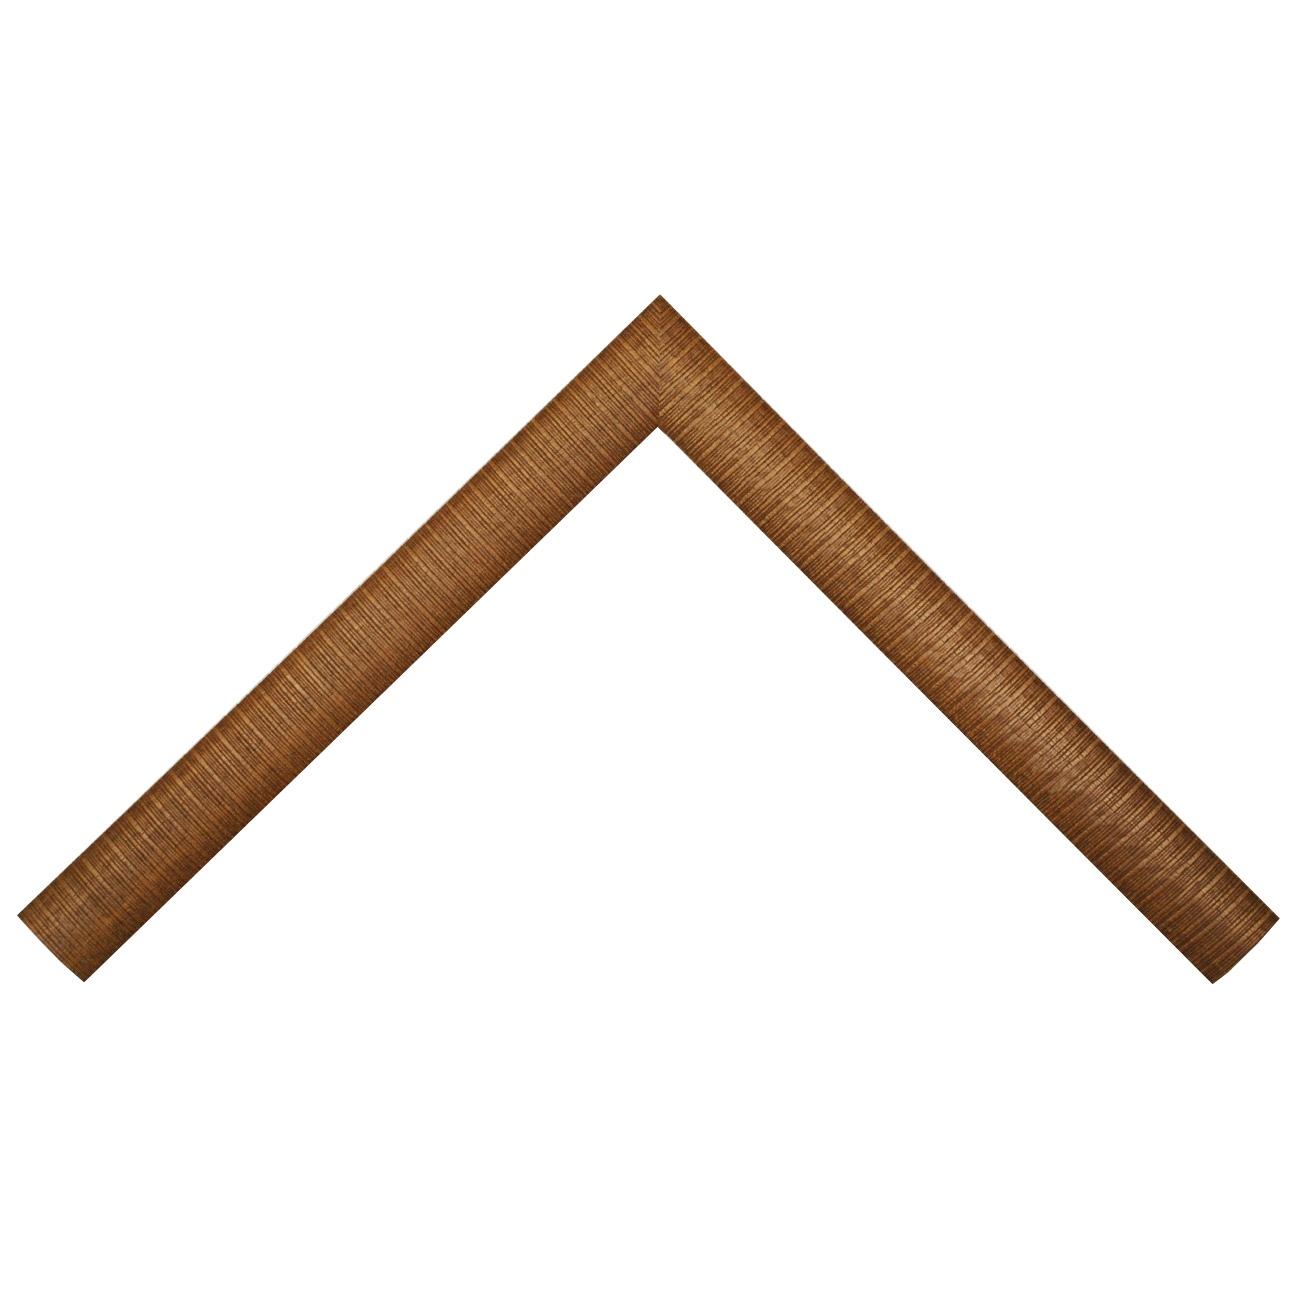 Baguette bois profil arrondi largeur 3.7cm couleur marron décor tresse